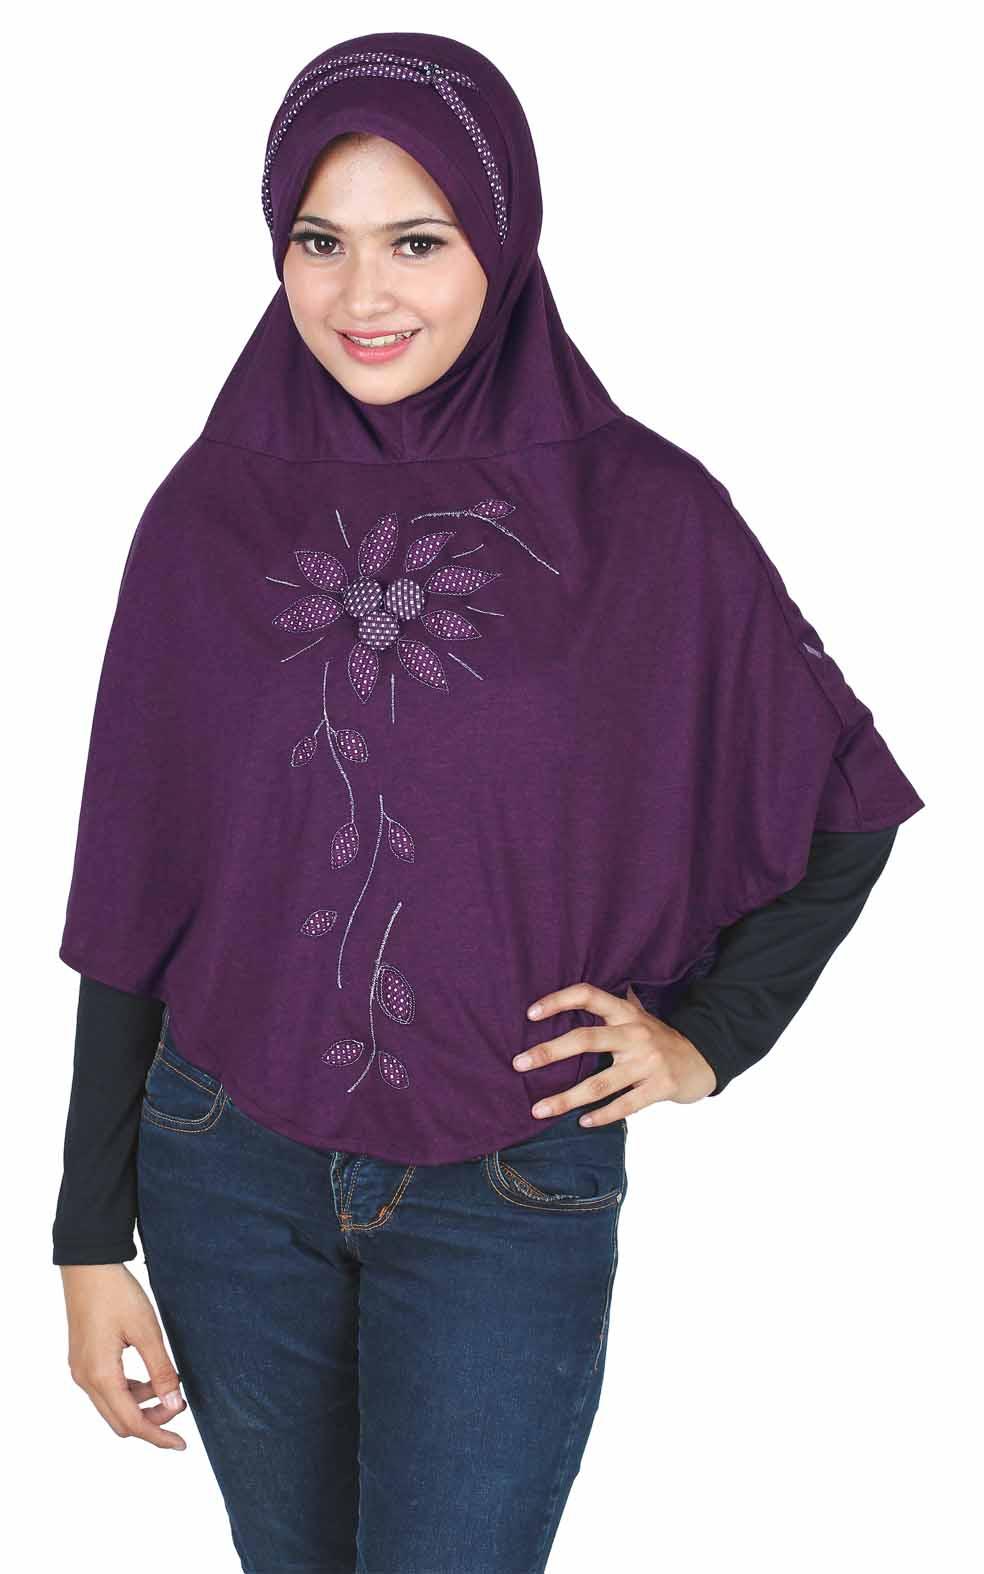 Tutorial Hijab Pesta Praktis Dan Elegan Updated 2016 Tutorial